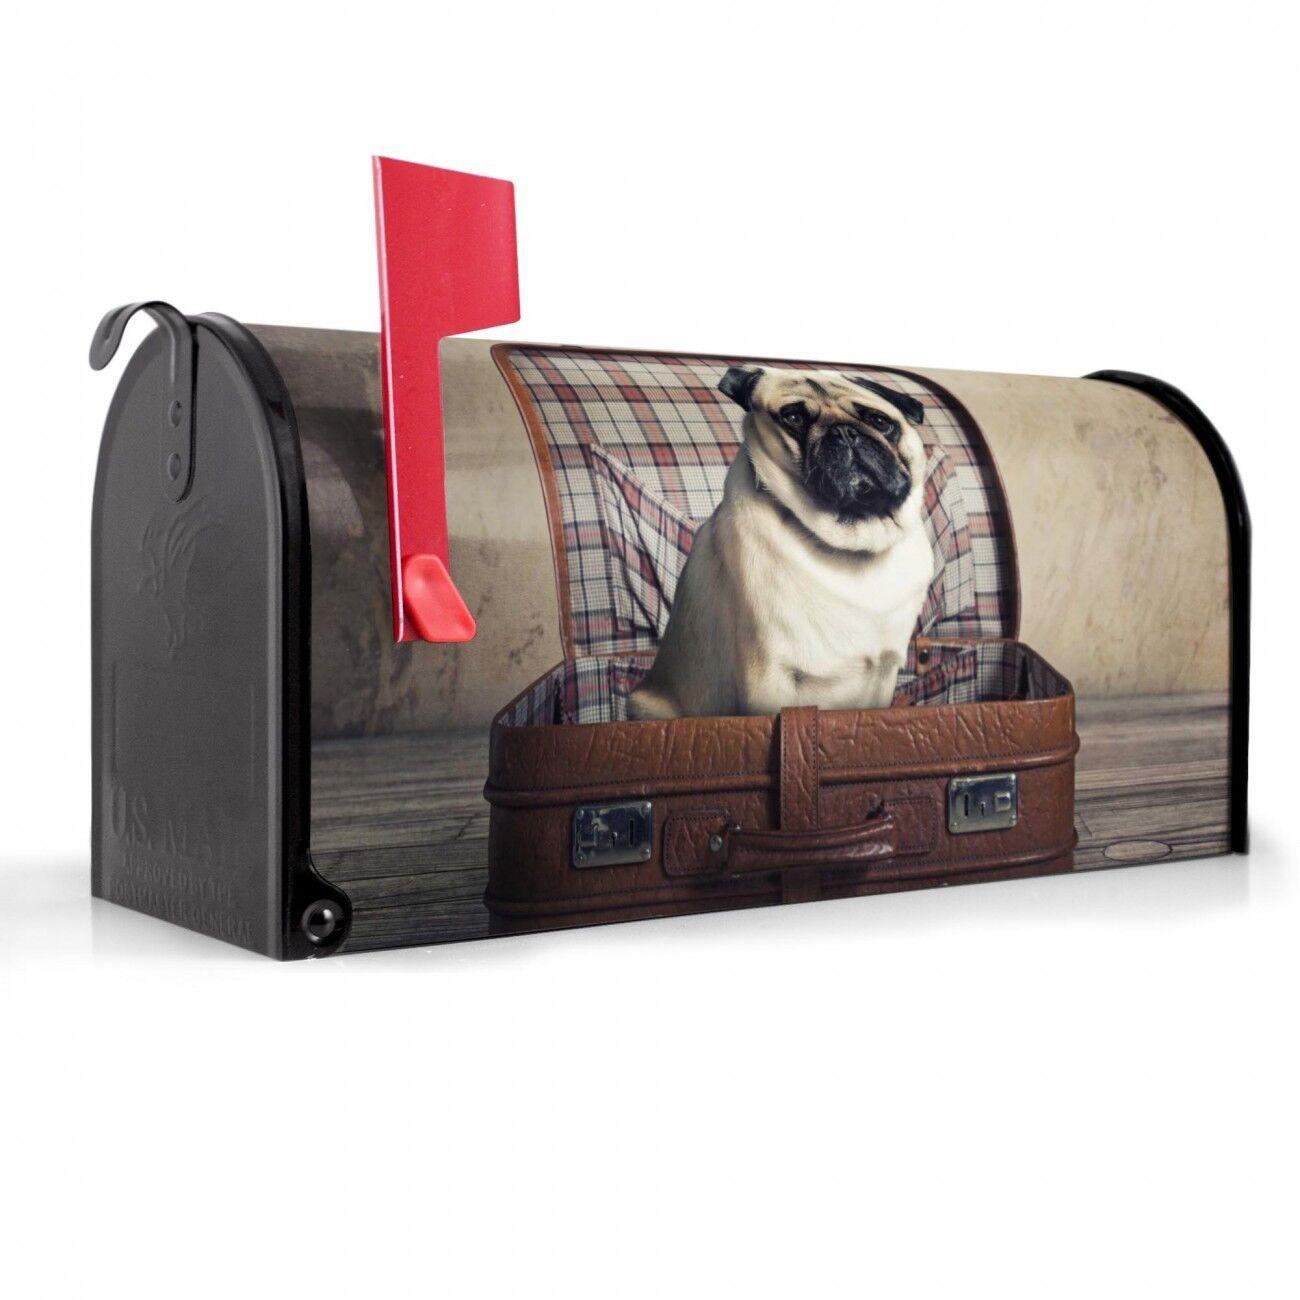 Banjado Briefkasten Amerikanisch U.S. Mailbox schwarz Stahl Motiv Mops im Koffer